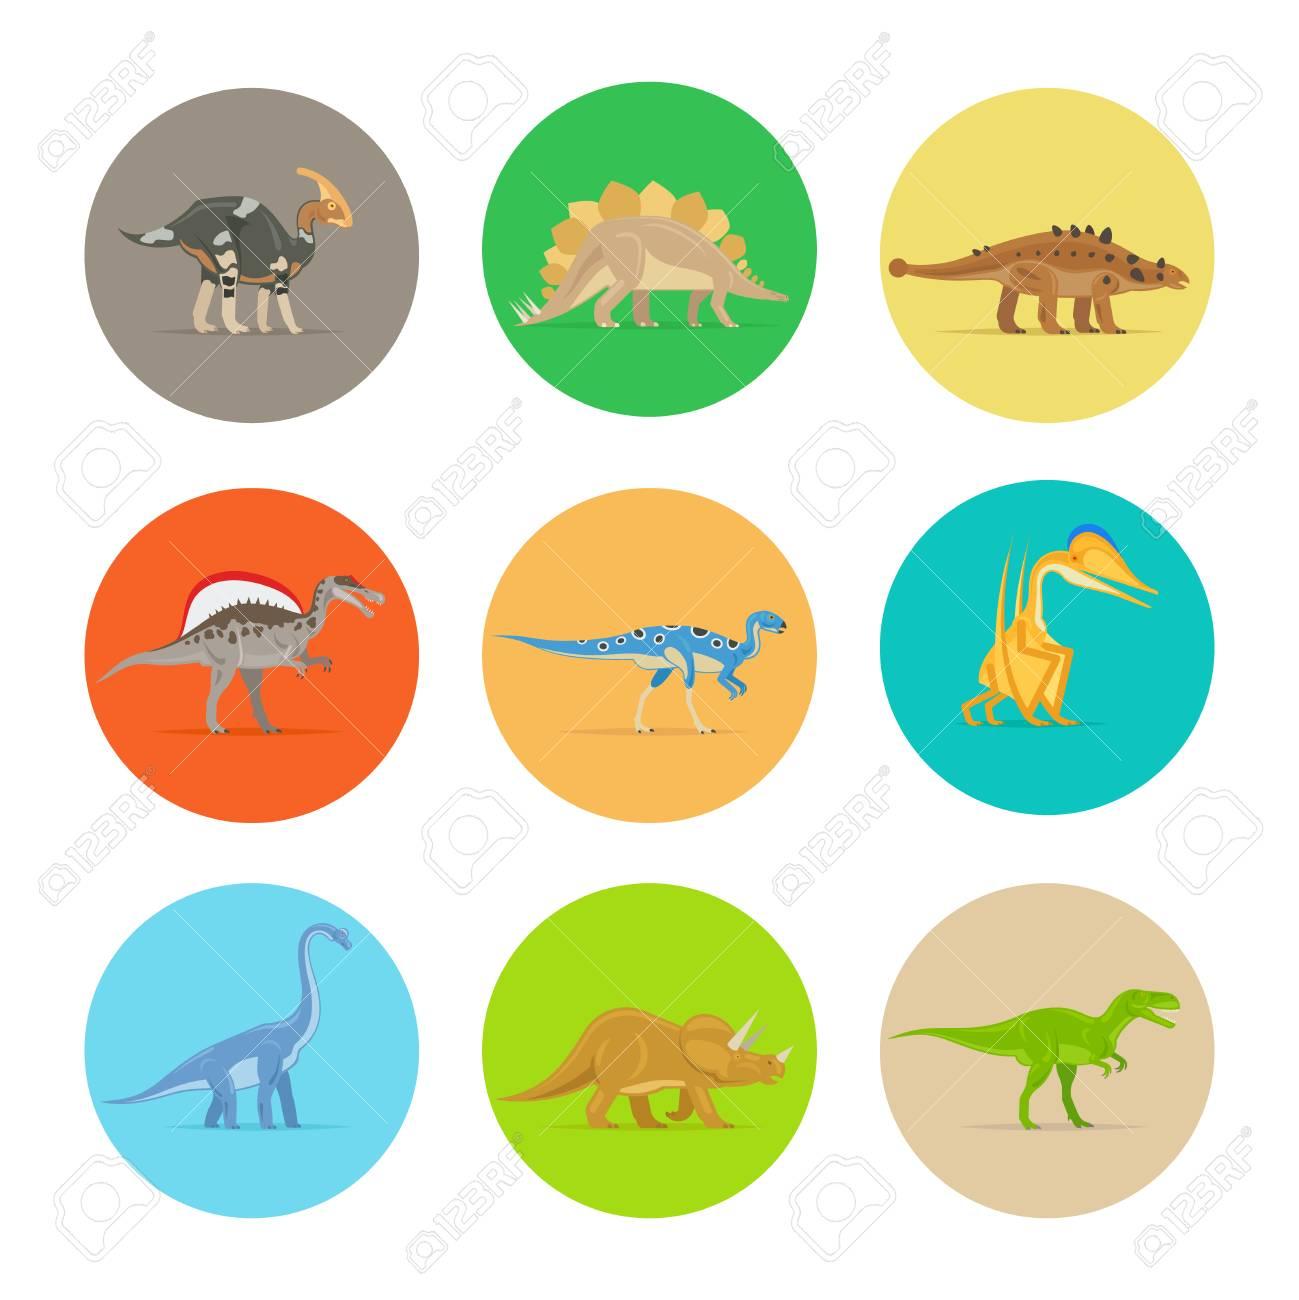 Iconos De Los Dinosaurios De Colores Planos. Los Diferentes Tipos De ...